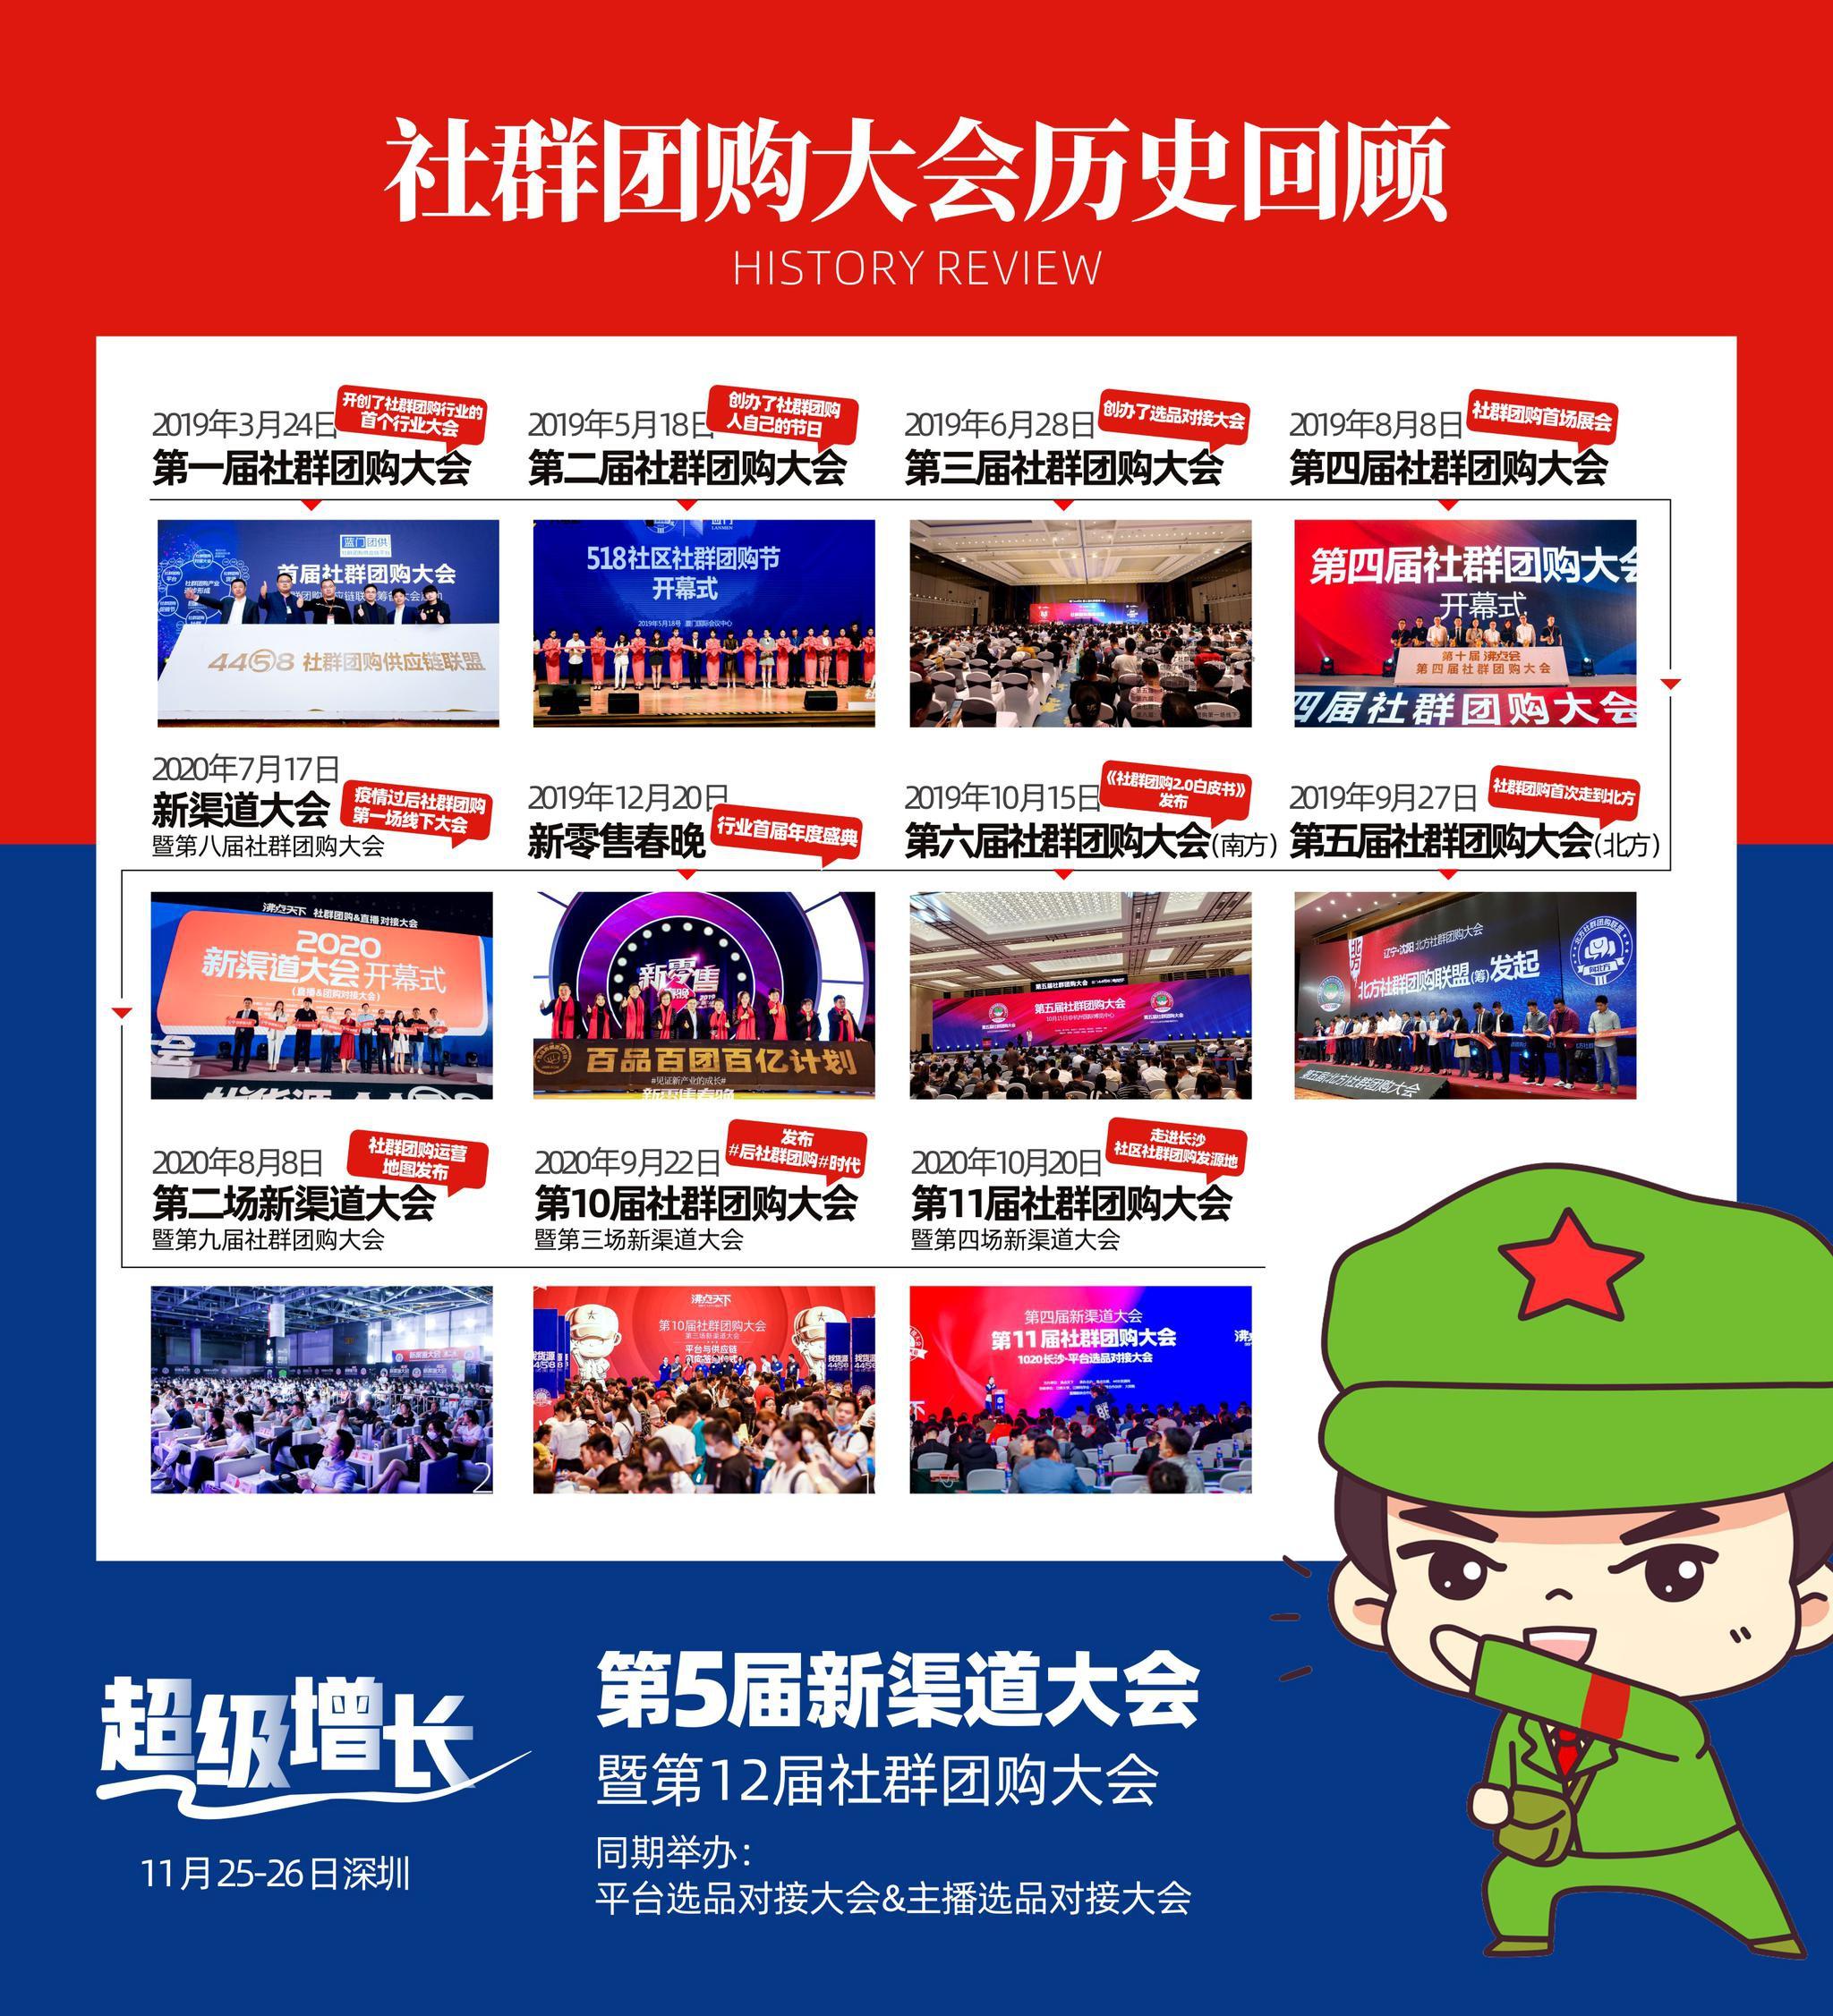 第十二届社群团购大会 11月25号深圳举办 开始报名中...